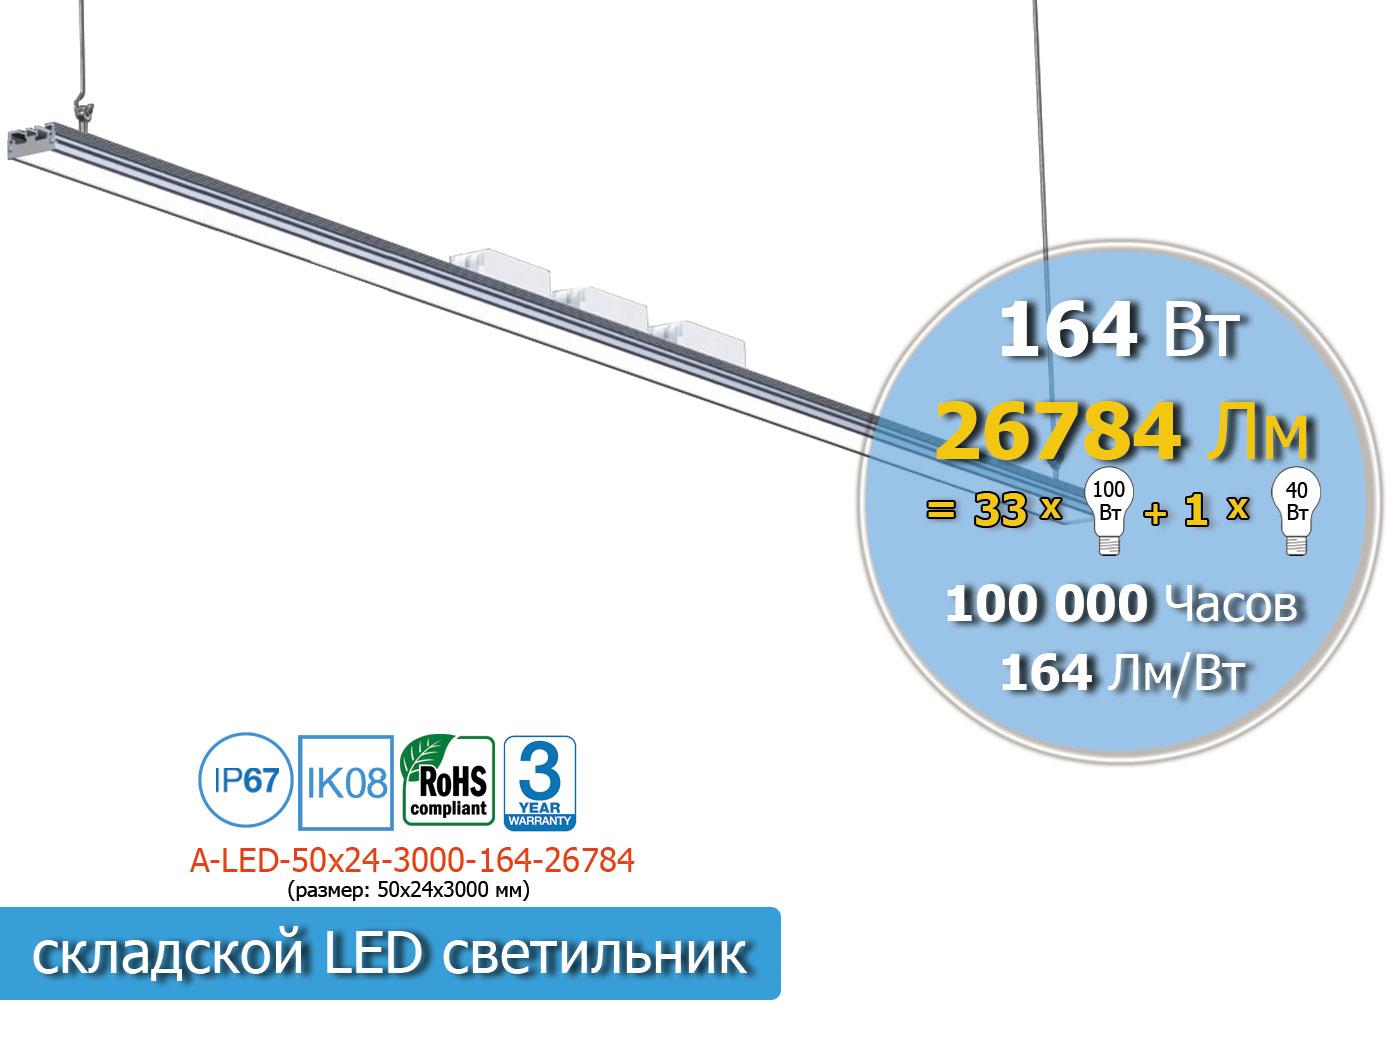 A-LED-50x24-1-3000-164-26784